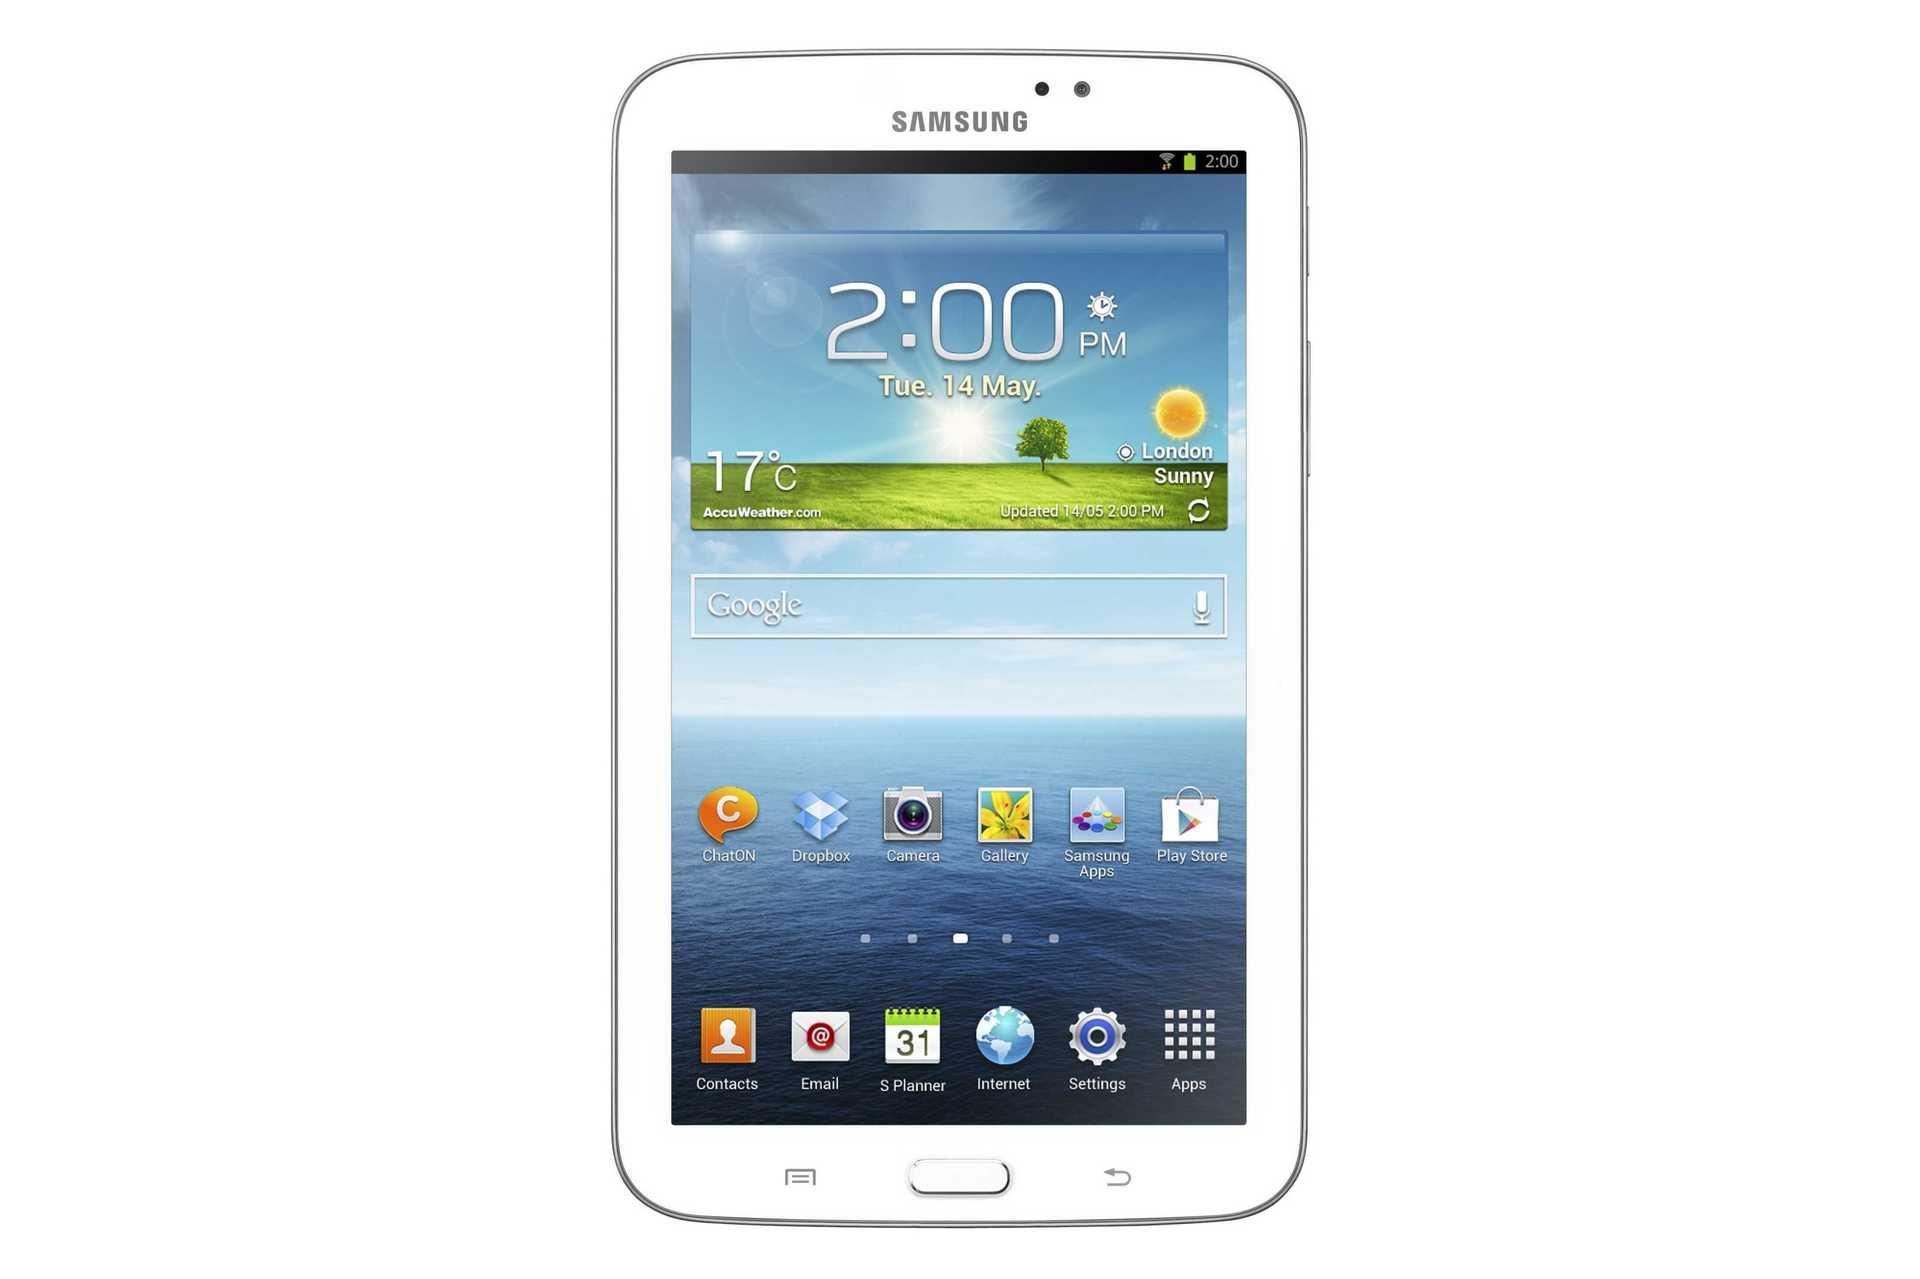 Rilasciate le date di arrivo dei nuovi Samsung Galaxy Tab 3